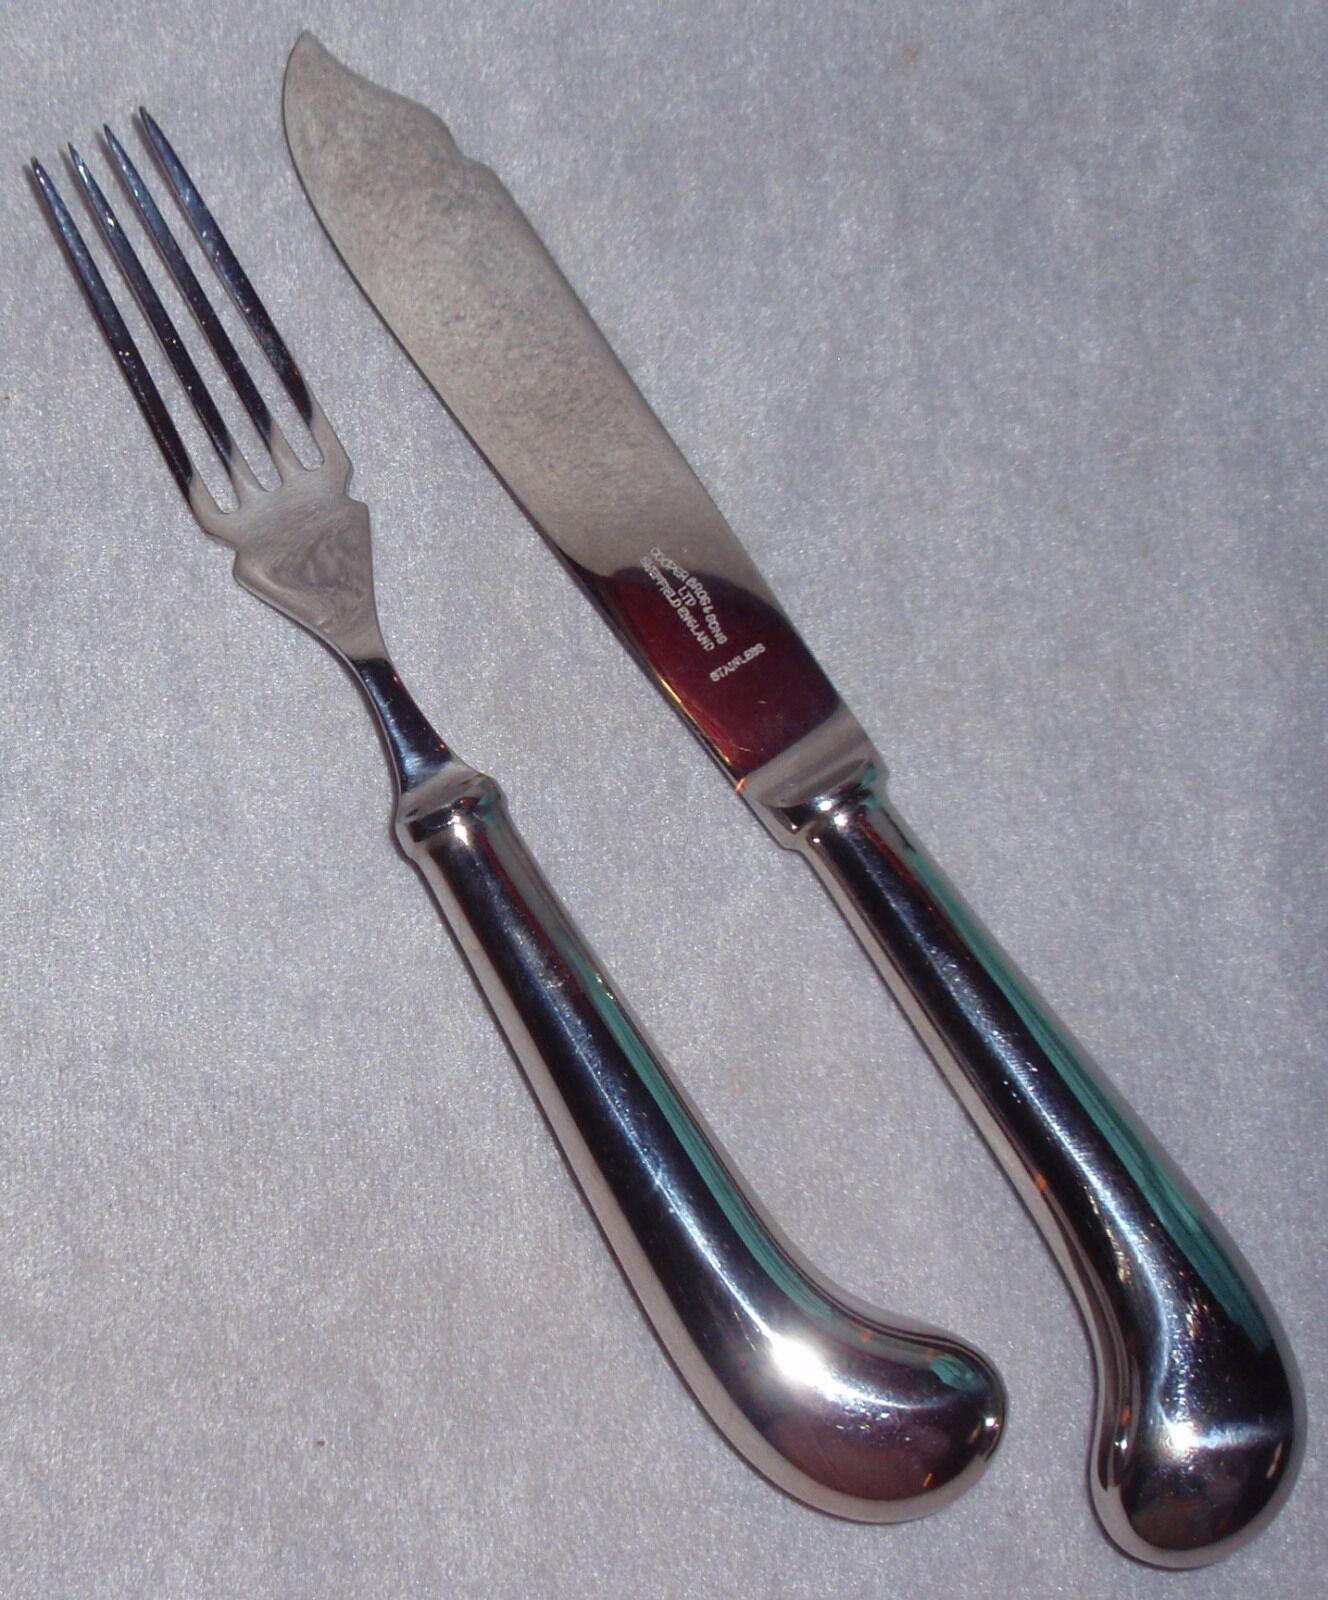 Nouveau Cooper Bros brillant en acier inoxydable Queen Motif Anne poisson fourchette couteau Set 2